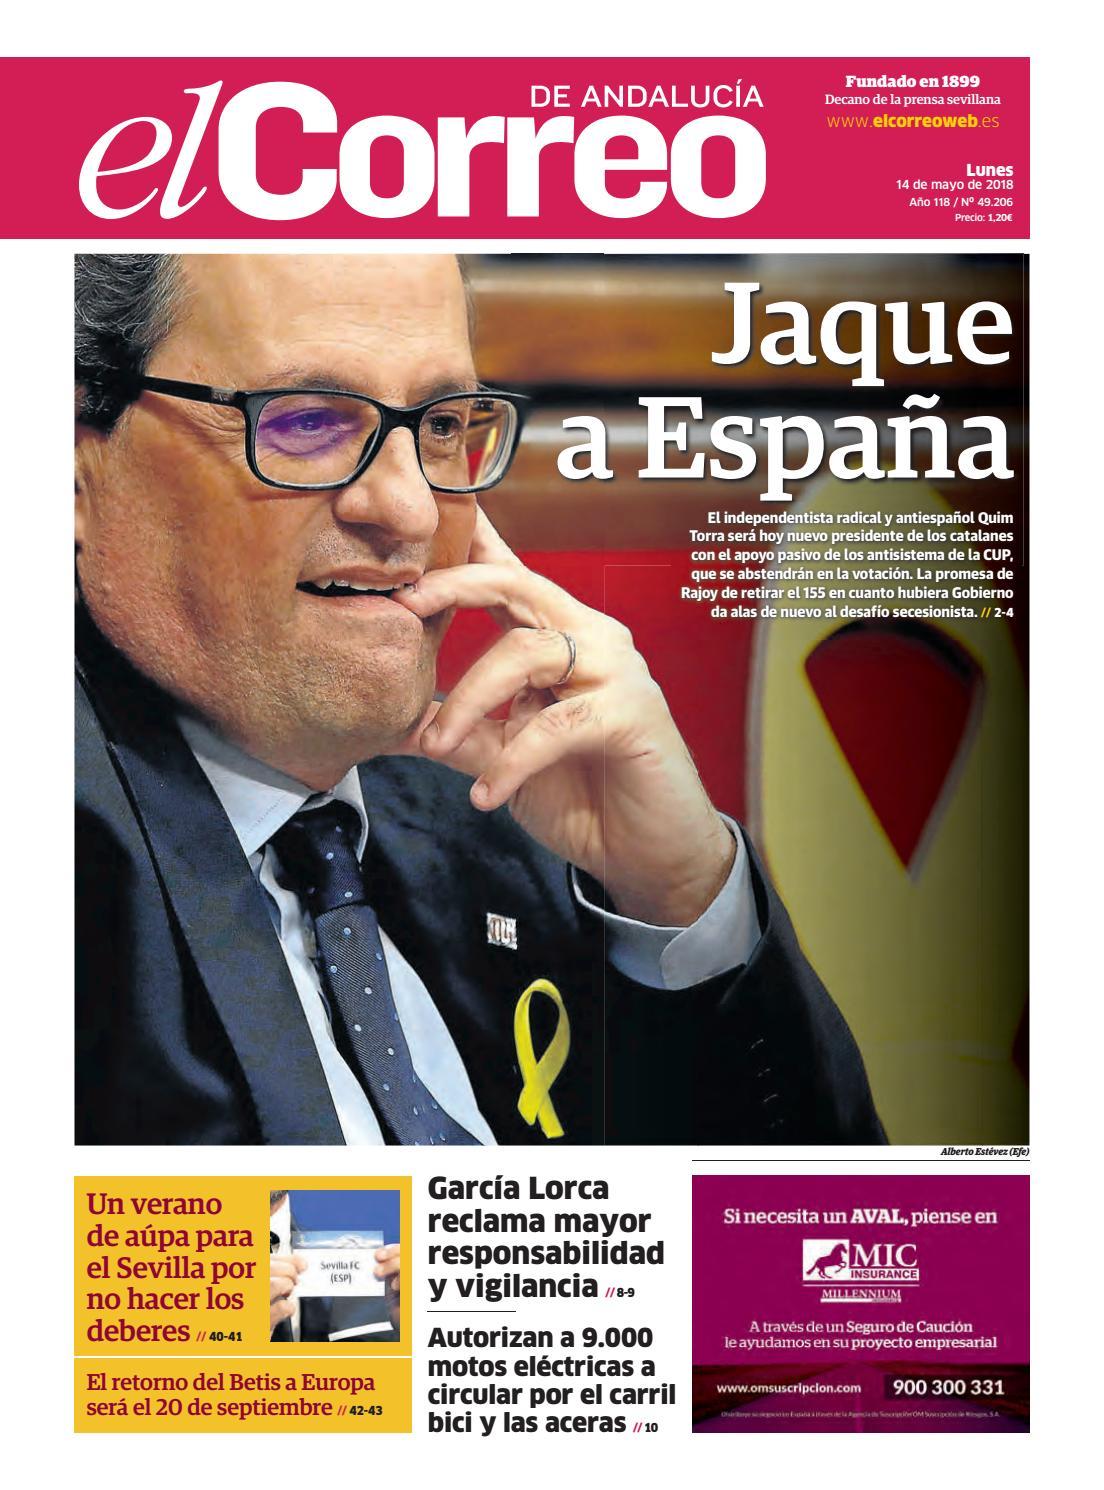 14.05.2018 El Correo de Andalucía by EL CORREO DE ANDALUCÍA S.L. - issuu